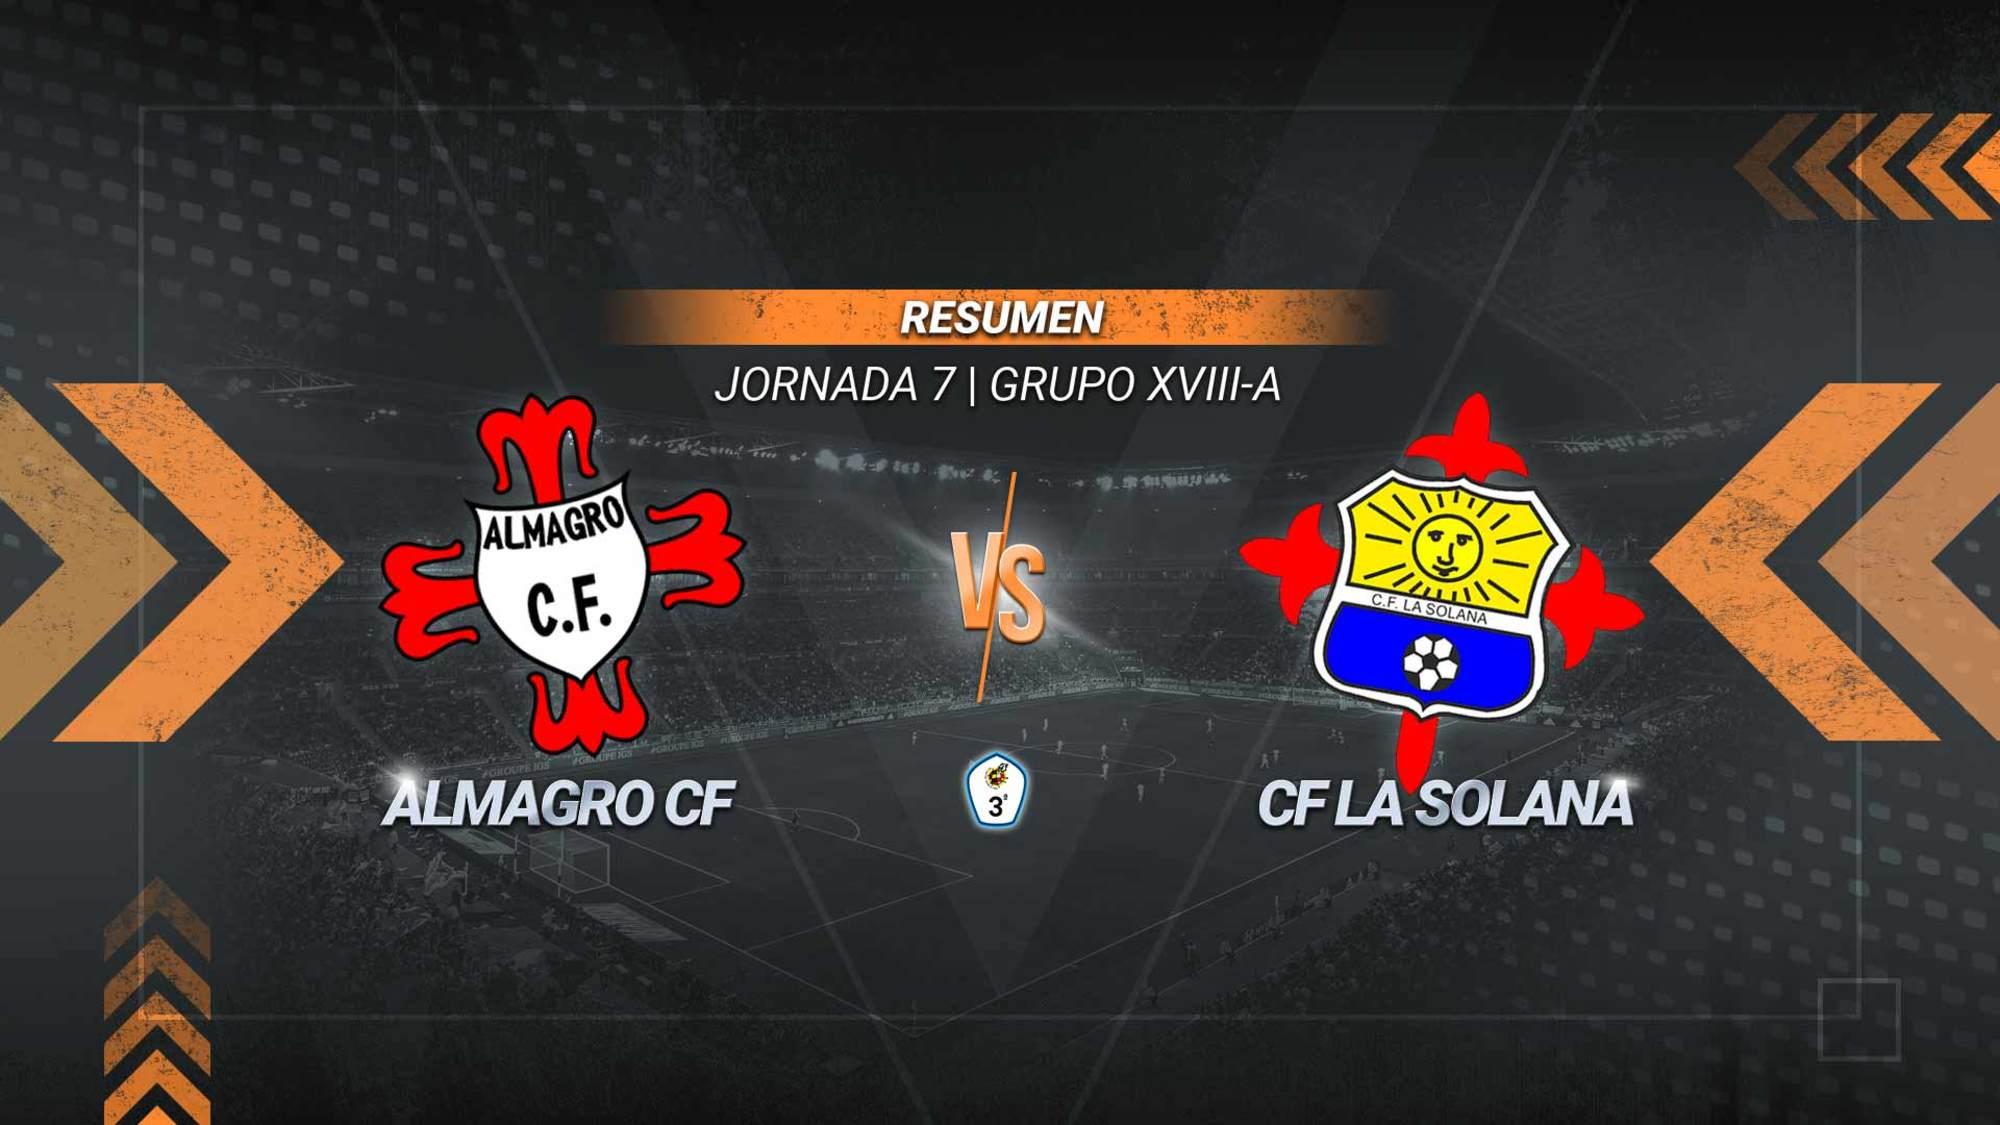 El Almagro remonta en la recta final y suma su segunda victoria consecutiva en el Manuel Trujillo. Los goles de Samy y Javi Heranz le dieron vuelta al inicial de La Solana anotado por Meshack.